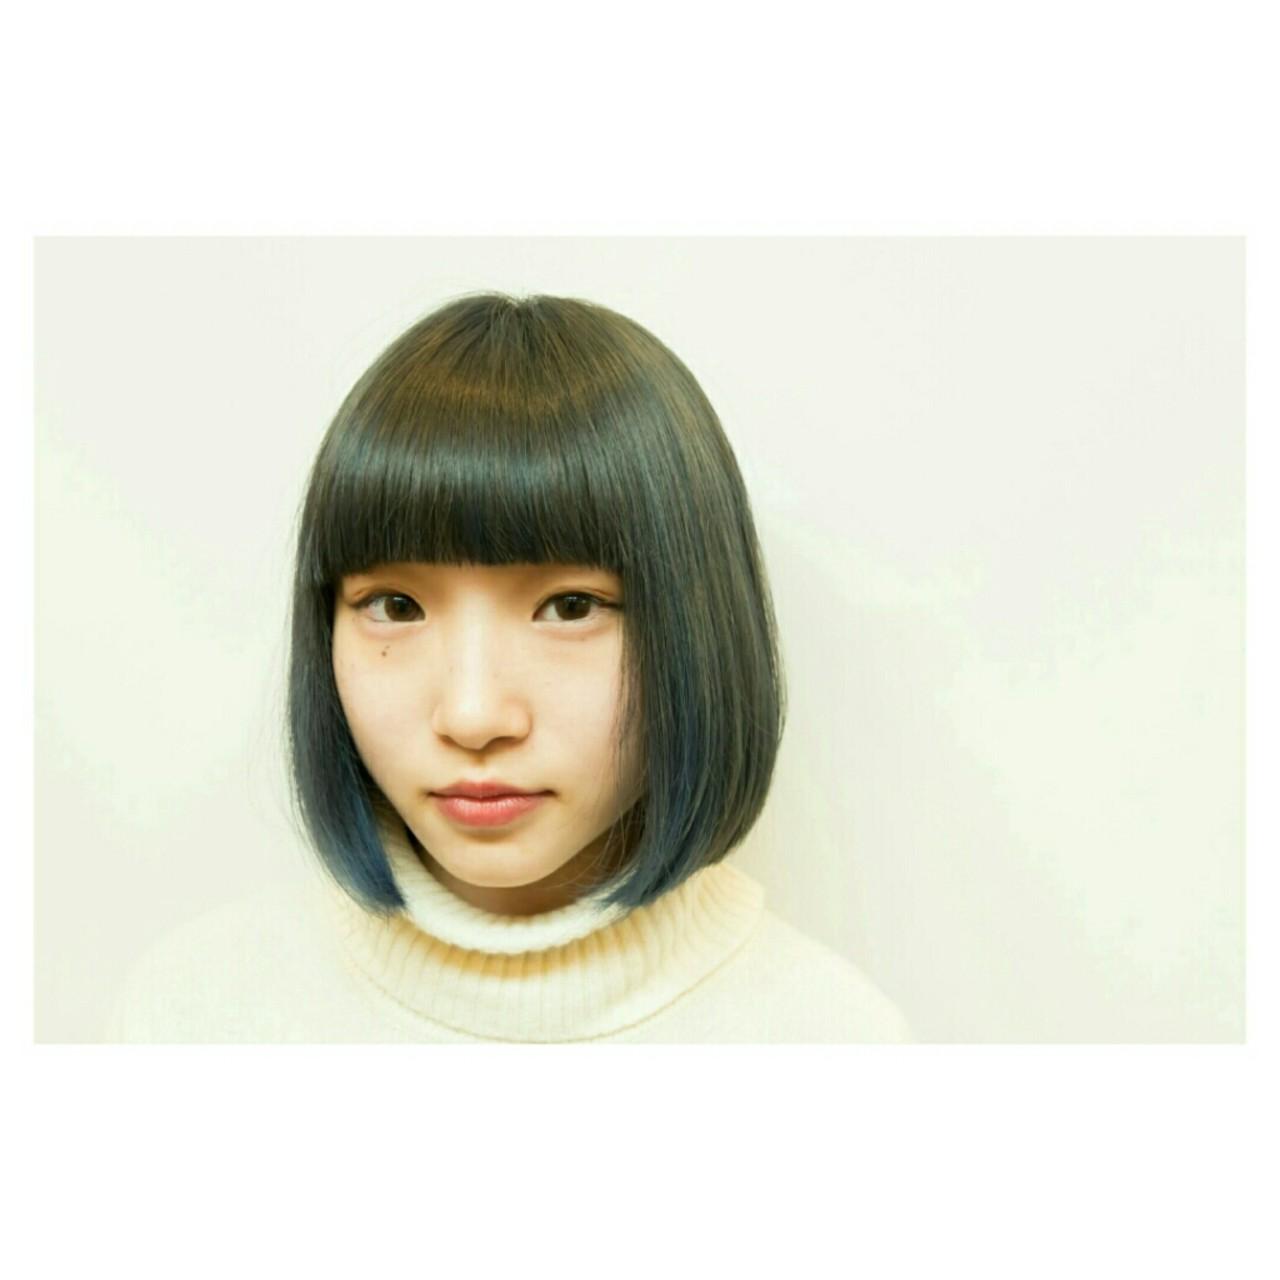 インナーカラー ブルージュ ダブルカラー モード ヘアスタイルや髪型の写真・画像